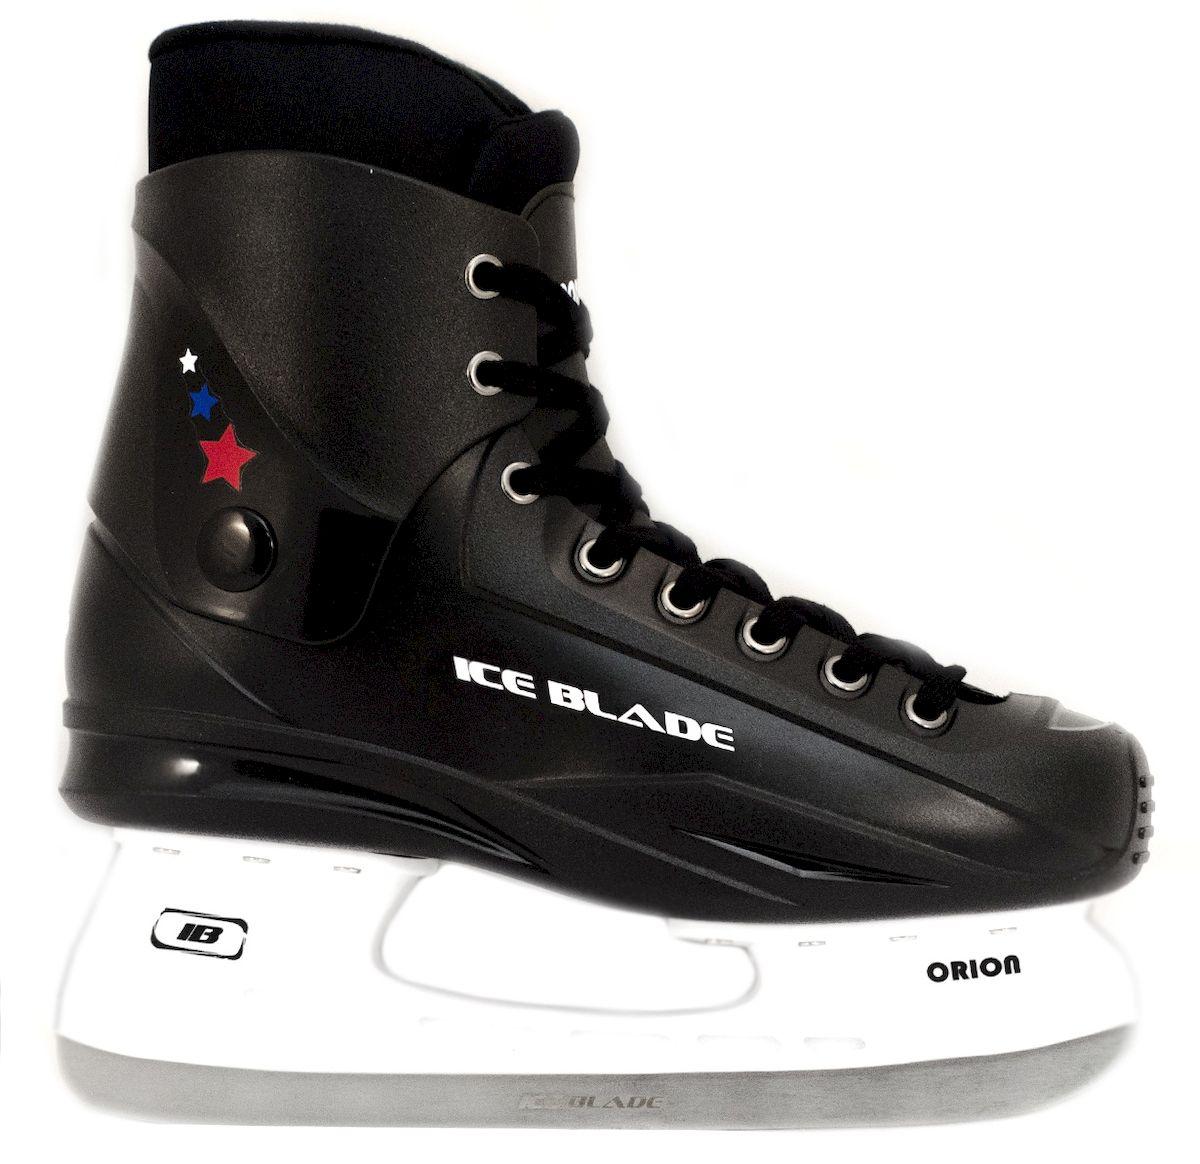 Коньки хоккейные Ice Blade Orion, цвет: черный. УТ-00004984. Размер 40УТ-00004984Коньки хоккейные Ice Blade Orion - это хоккейные коньки для любых возрастов. Конструкция прекрасно защищает стопу, очень комфортна для активного катания, а также позволяет играть в хоккей. Легкий ботинок очень комфортный как для простого катания на льду, так и для любительского хоккея. Ботинок выполнен из высококачественного морозостойкого пластика и нейлоновой сетки. Внутренний сапожок утеплен мягким и дышащим вельветом, а язычок усилен специальной вставкой для большей безопасности стопы. Лезвие изготовлено из высокоуглеродистой стали, что гарантирует прочность и долговечность.Удобная система фиксации ноги и улучшенная колодка сделают катание комфортным и безопасным.